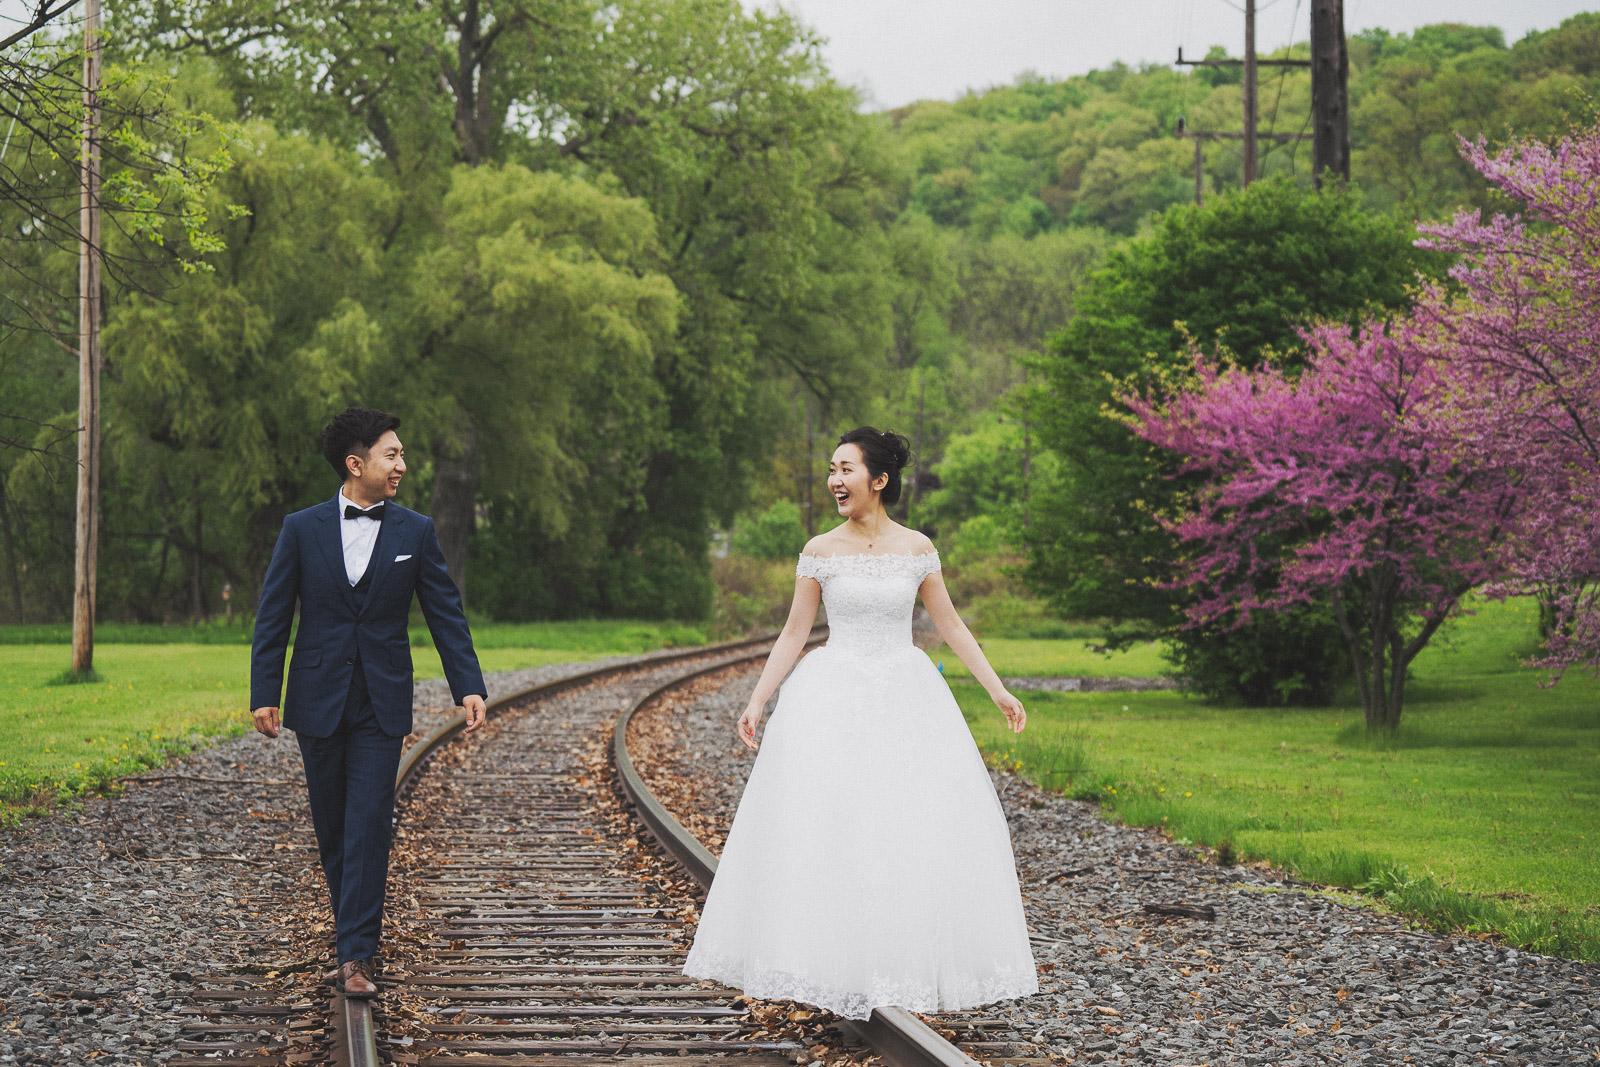 美國海外婚紗拍攝_伊薩卡_purefoto